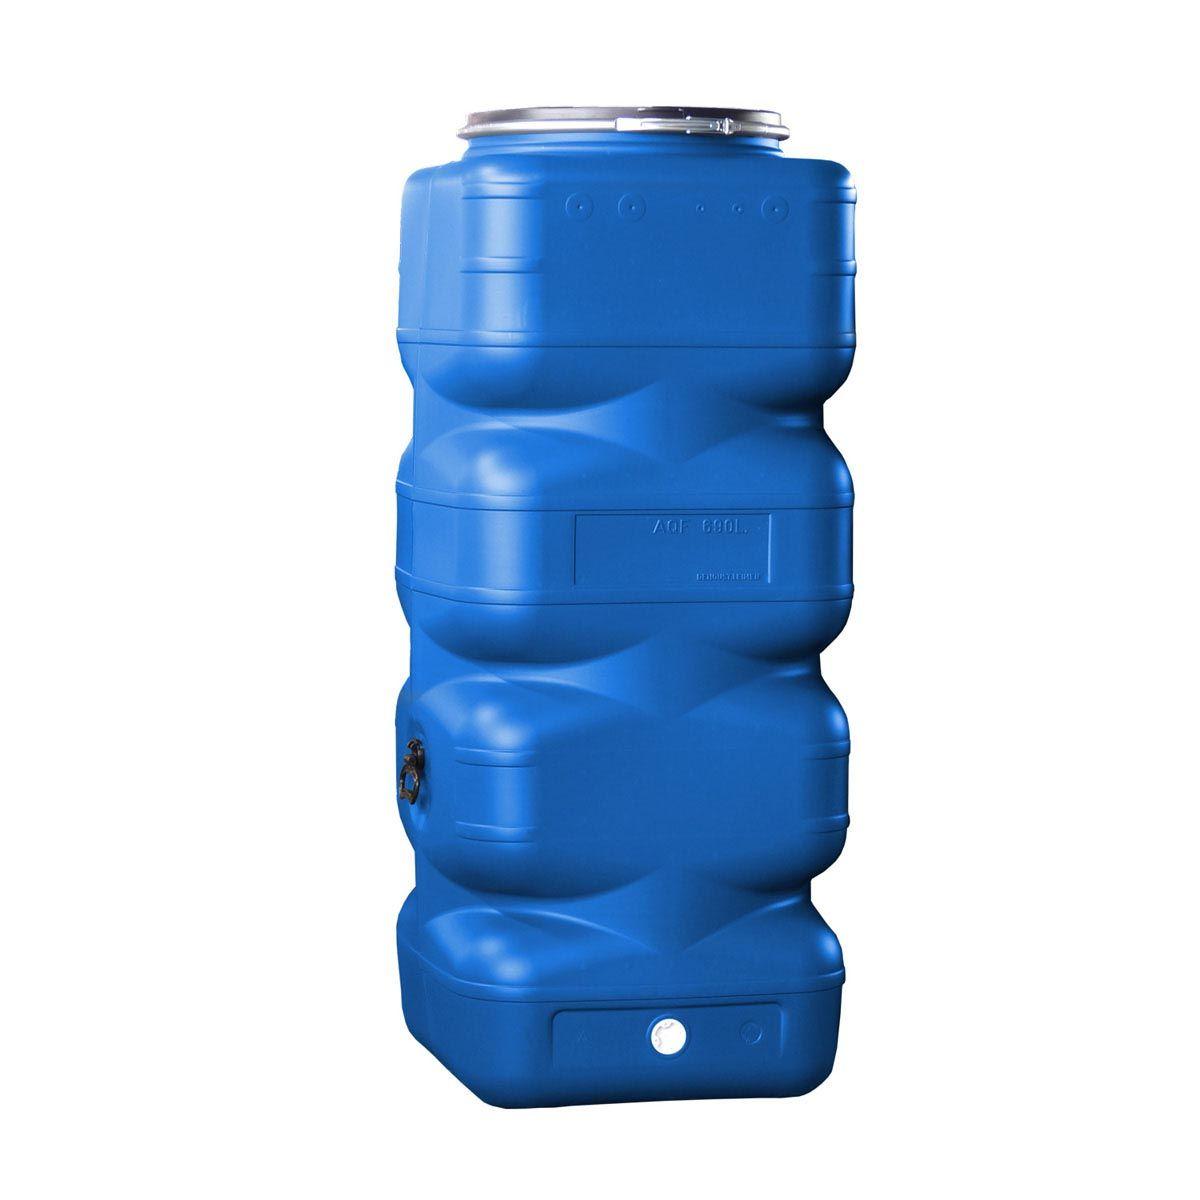 Lagertank AQF, aus PE-HD, blau, 690 l, 720 x 720 x 1695 mm